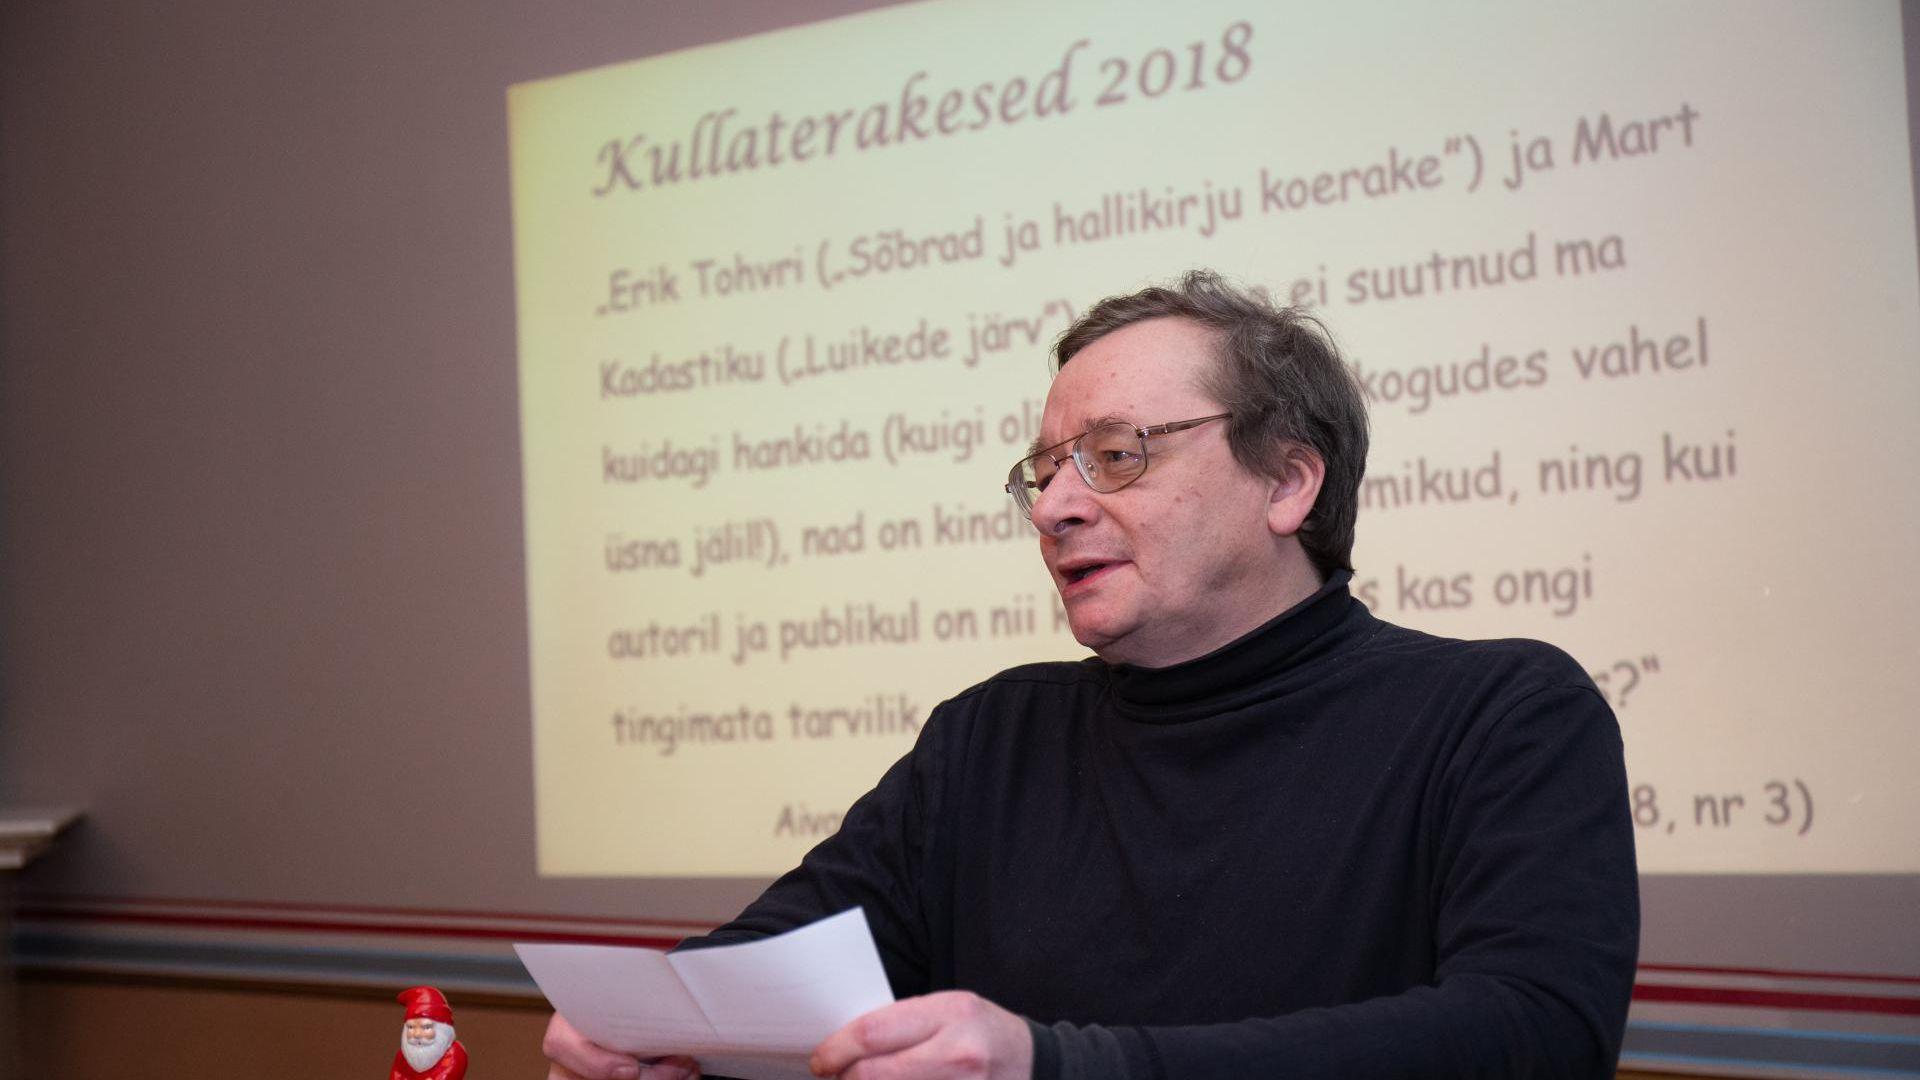 Toimetajaauhinna tänavune laureaat on Kajar Pruul: